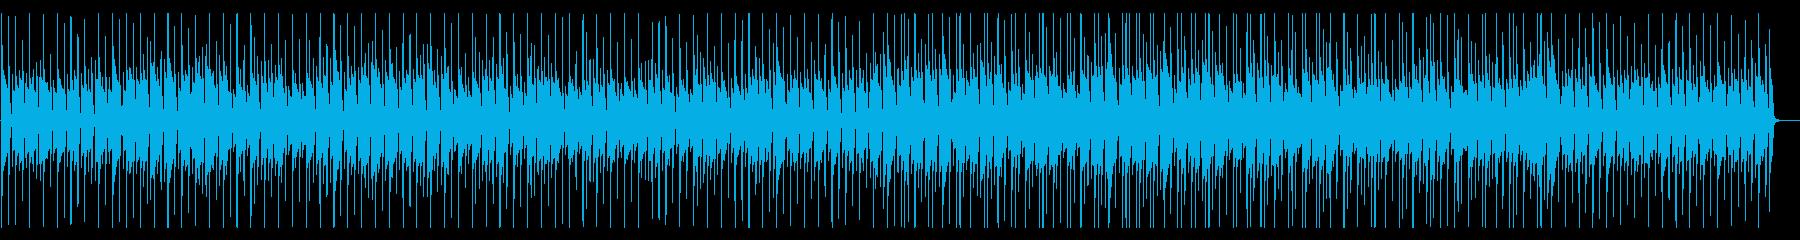 木琴の軽快なポップスの再生済みの波形